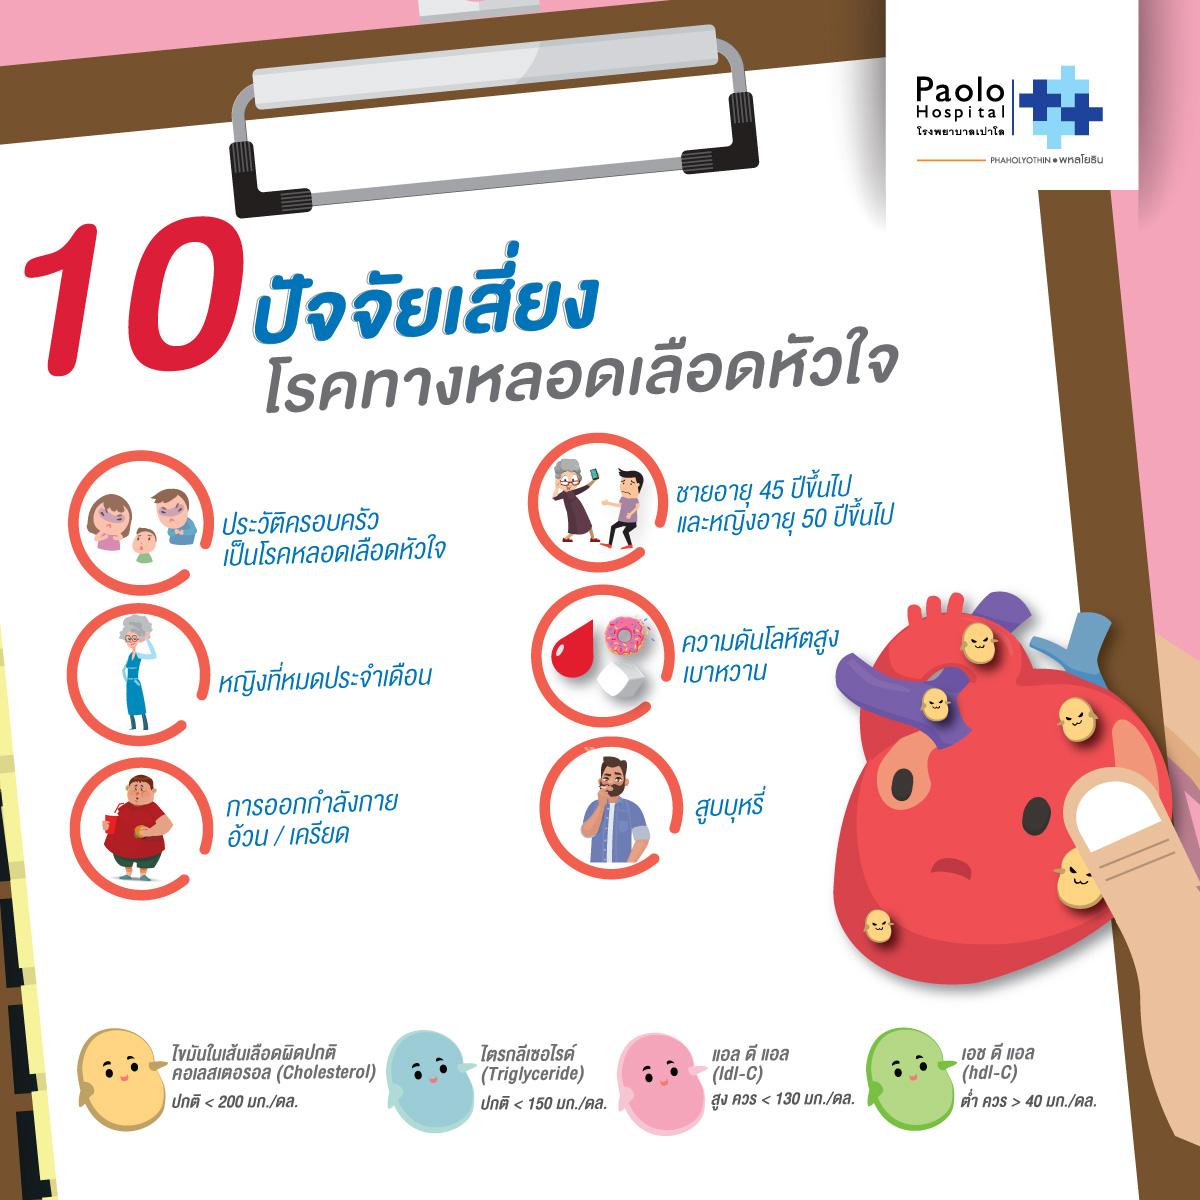 10 ปัจจัยเสี่ยง โรคทางหลอดเลือดหัวใจ